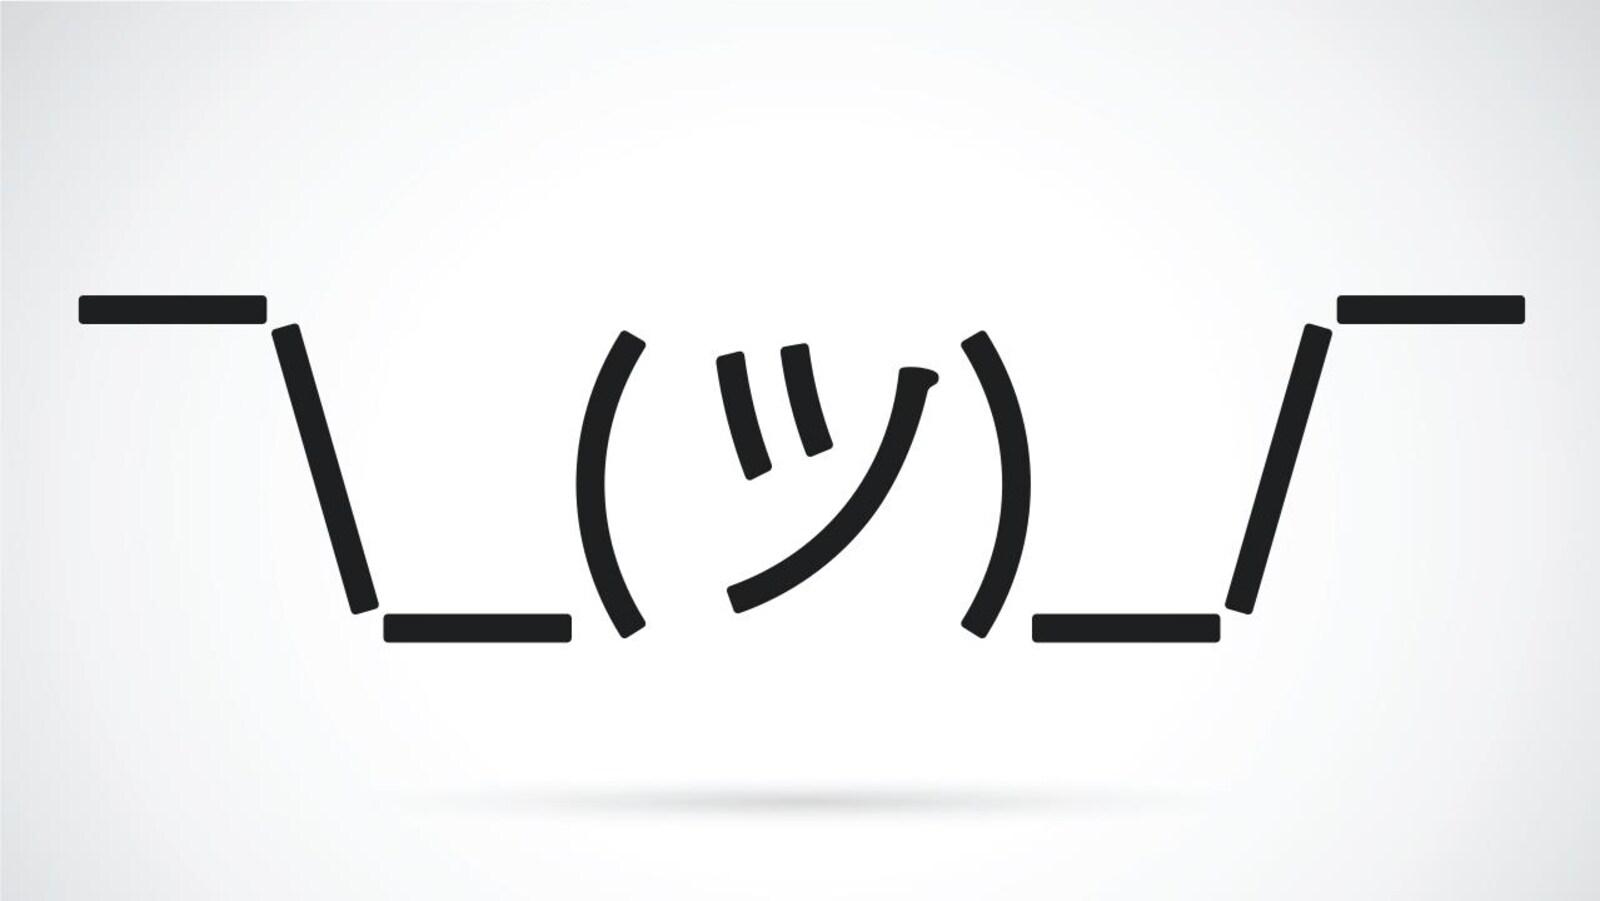 C'est un emoji d'une personne confuse.